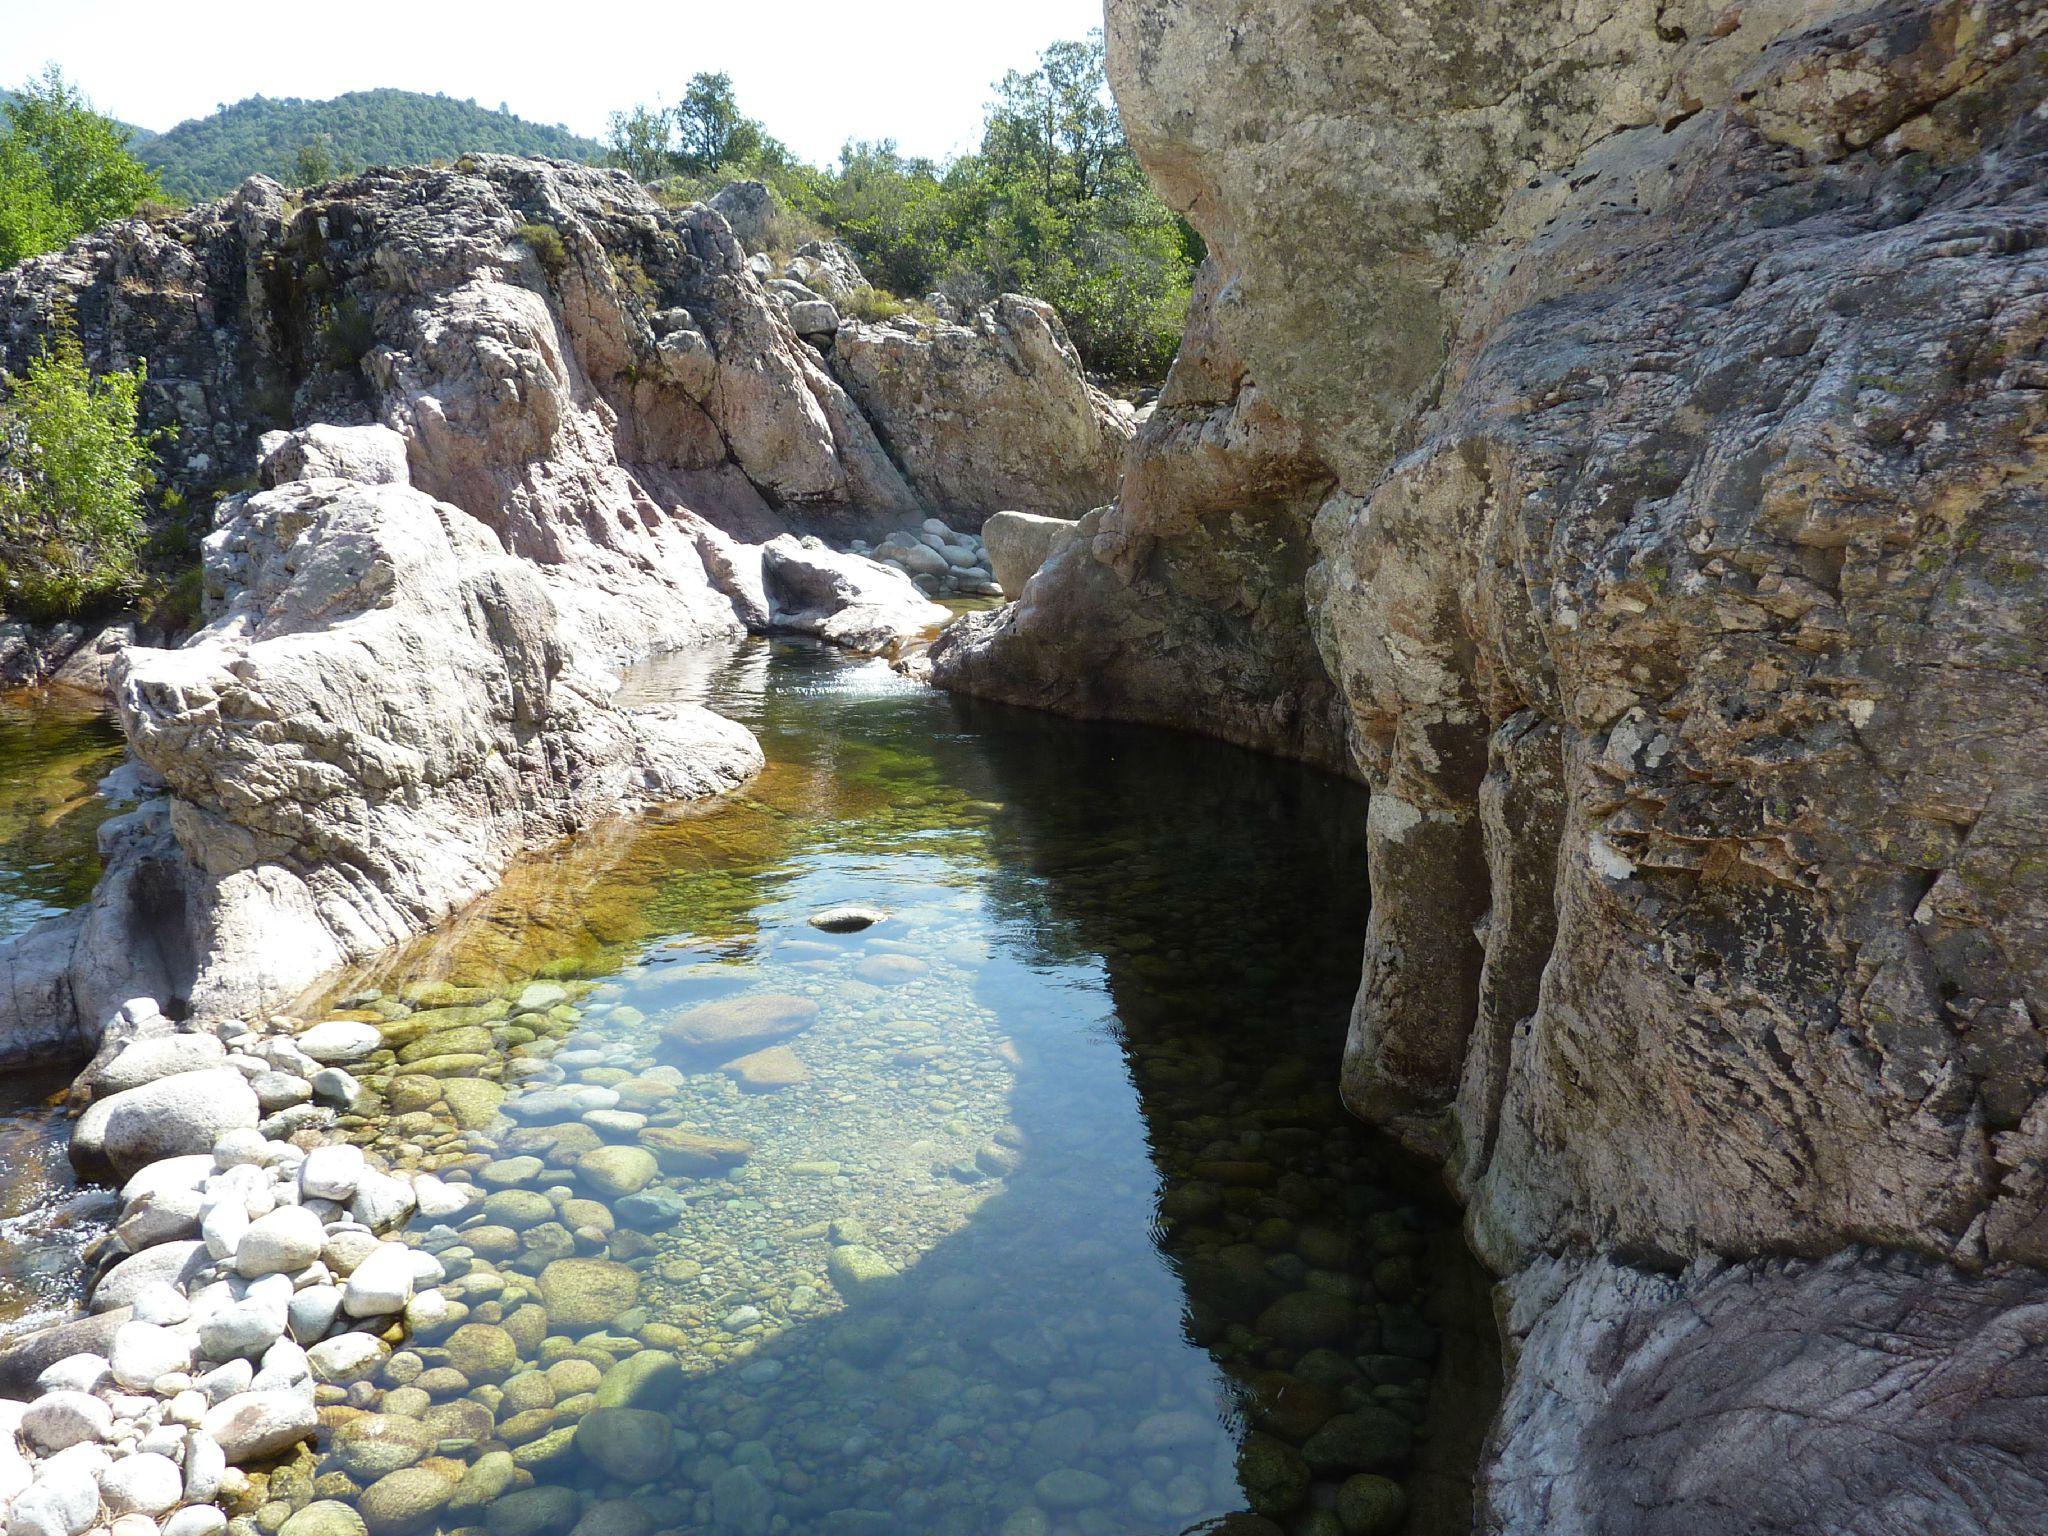 Guagno Les Bains - Bebetricot avec Piscine Naturelle D Eau Chaude Corse Du Sud